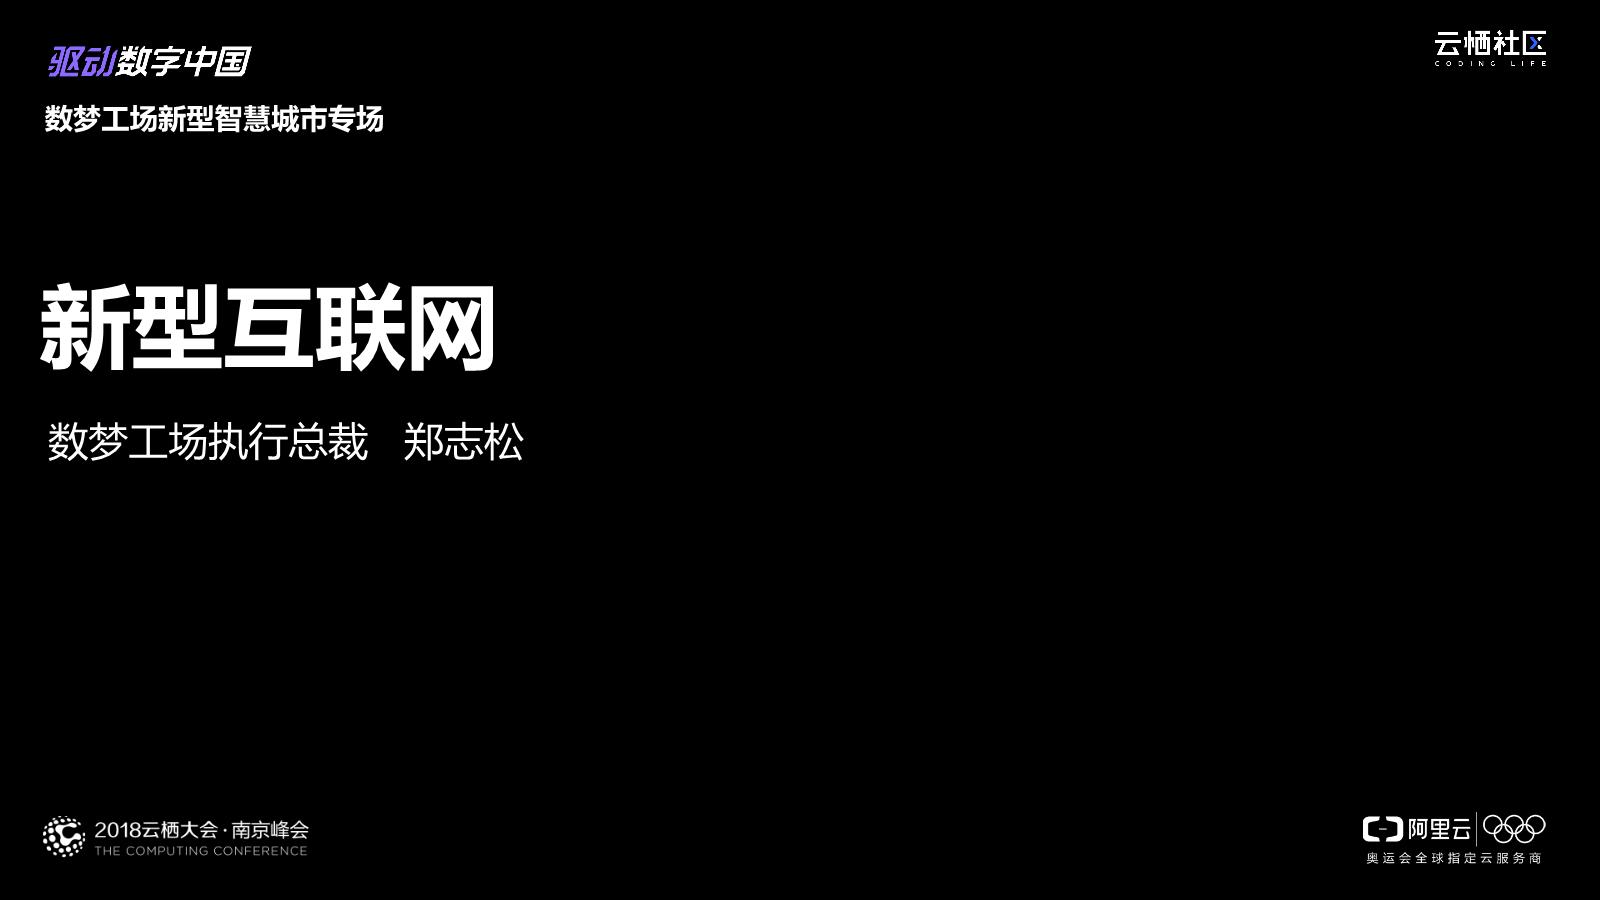 郑志松-新型互联网